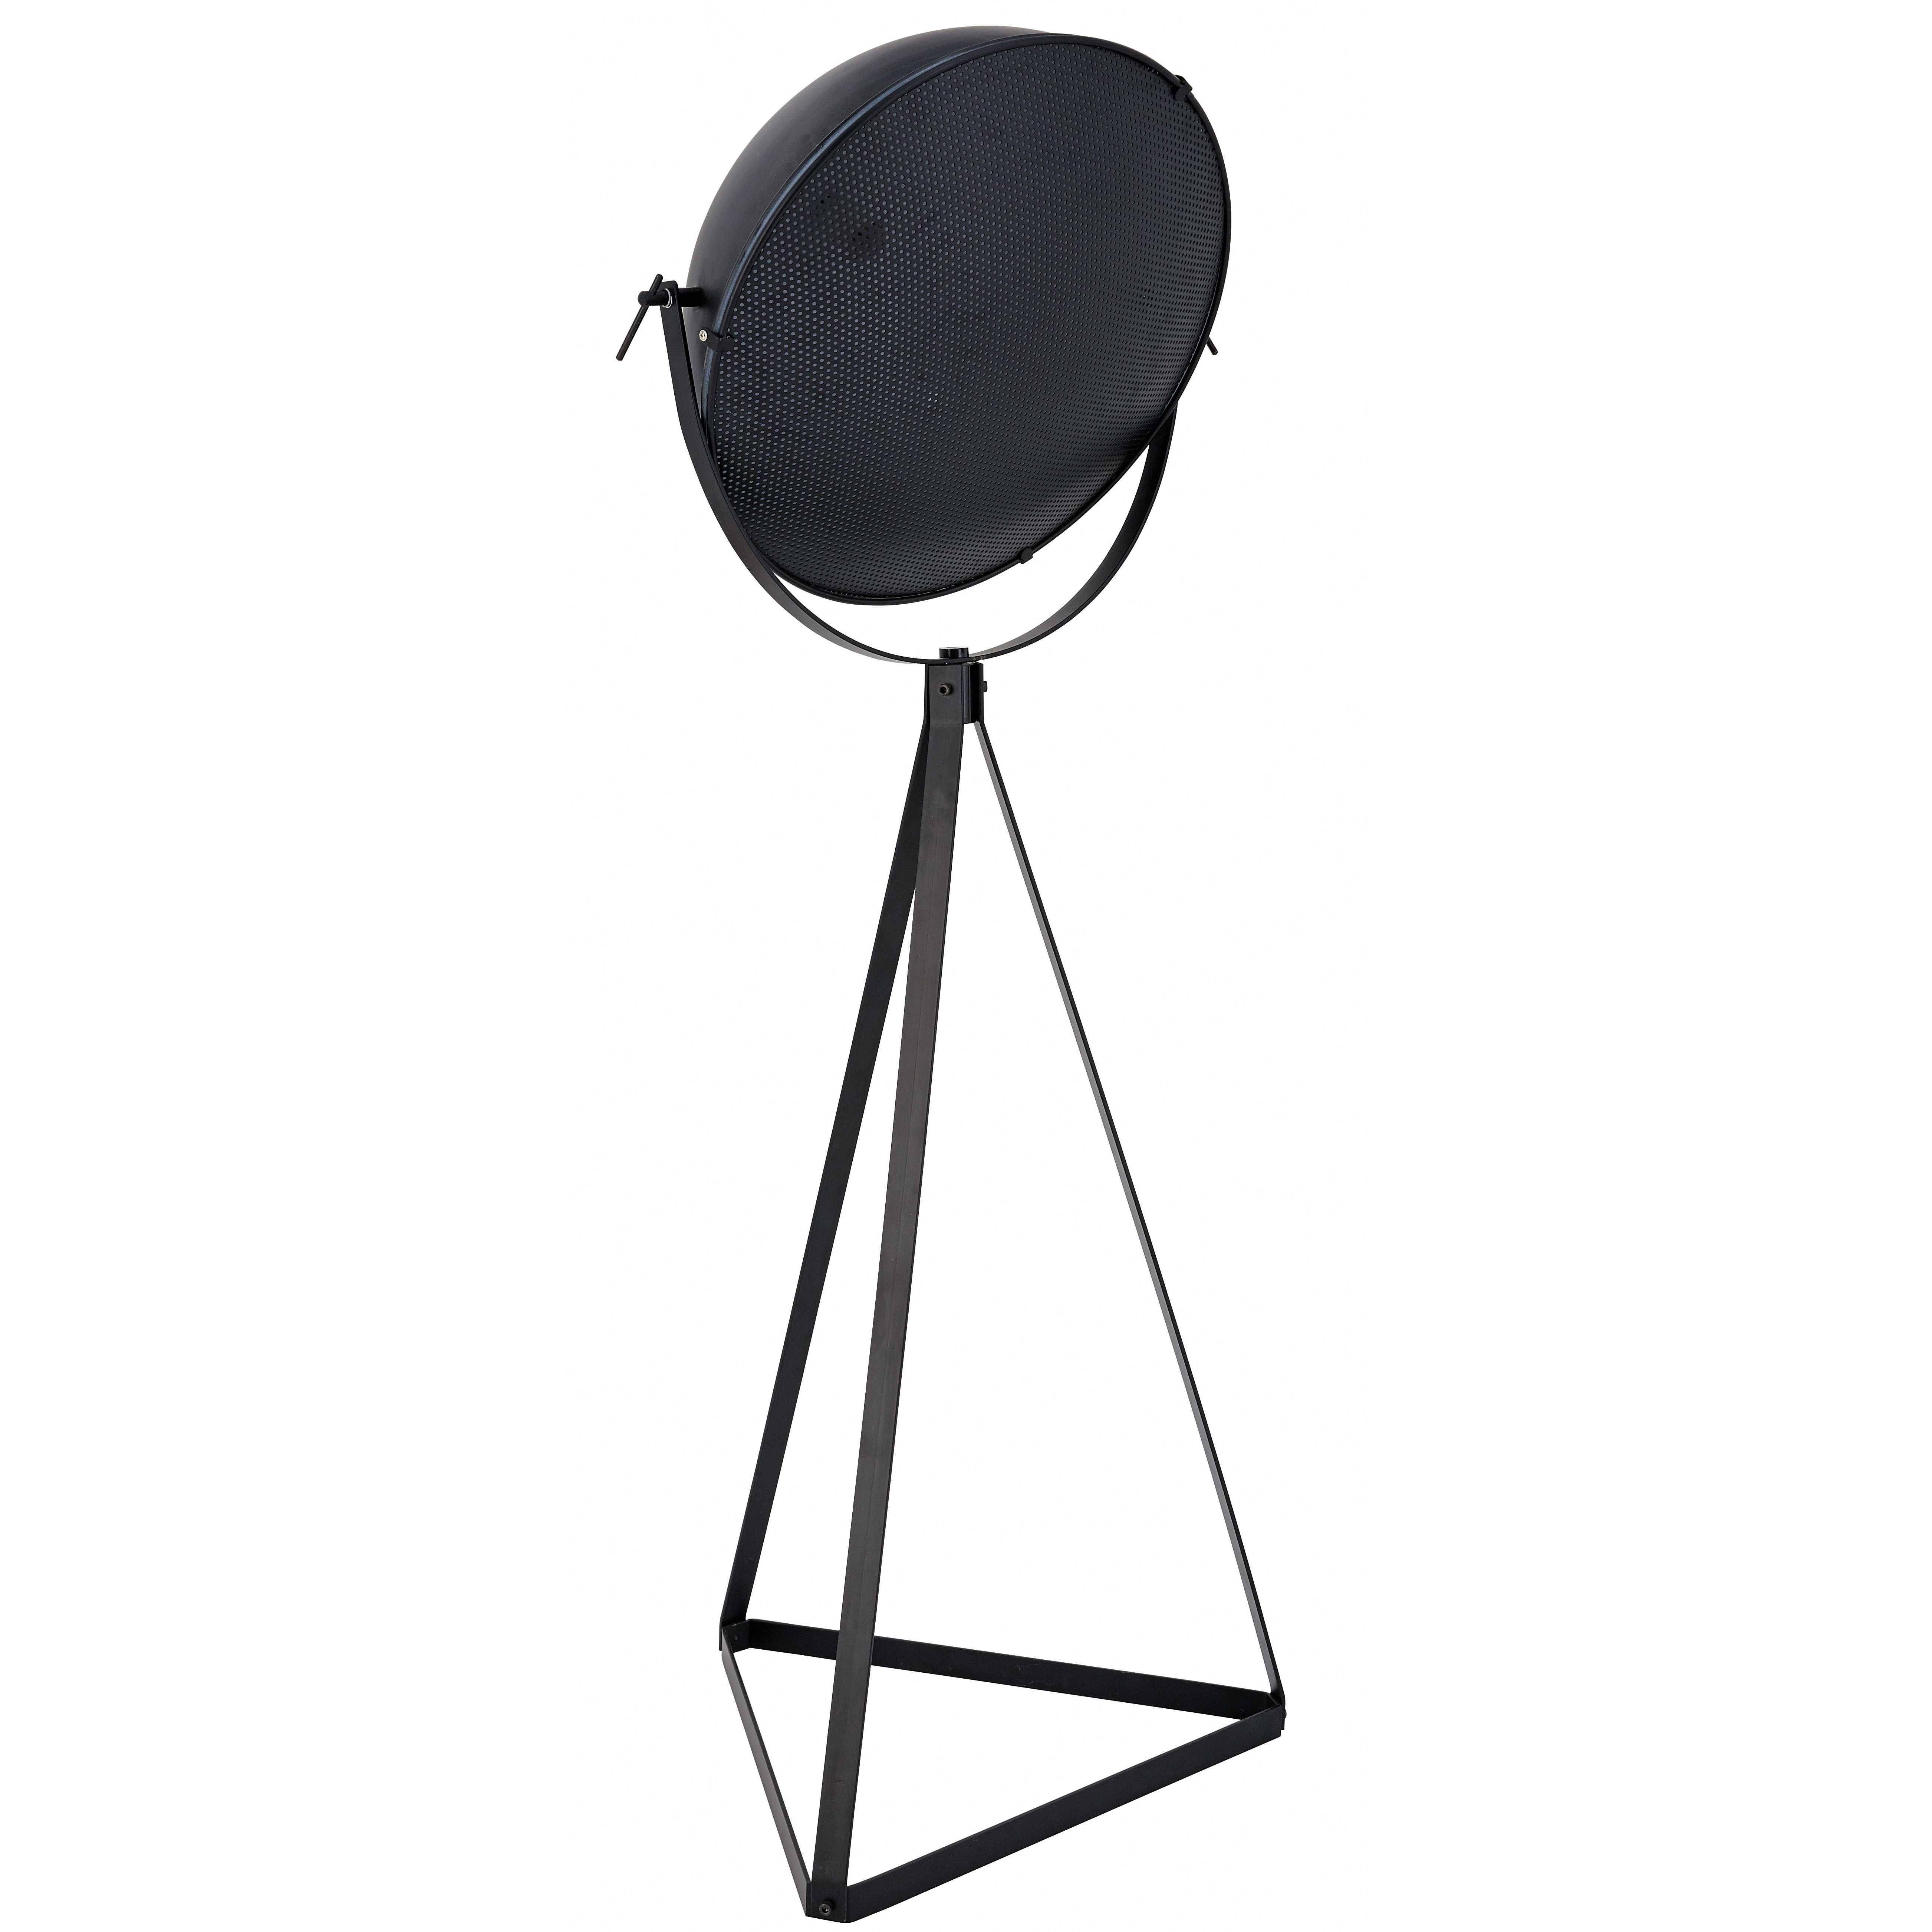 Stehlampe Aus Schwarzem Metall H.152cm URBAN LIGHT Jetzt Bestellen Unter:  Https:/